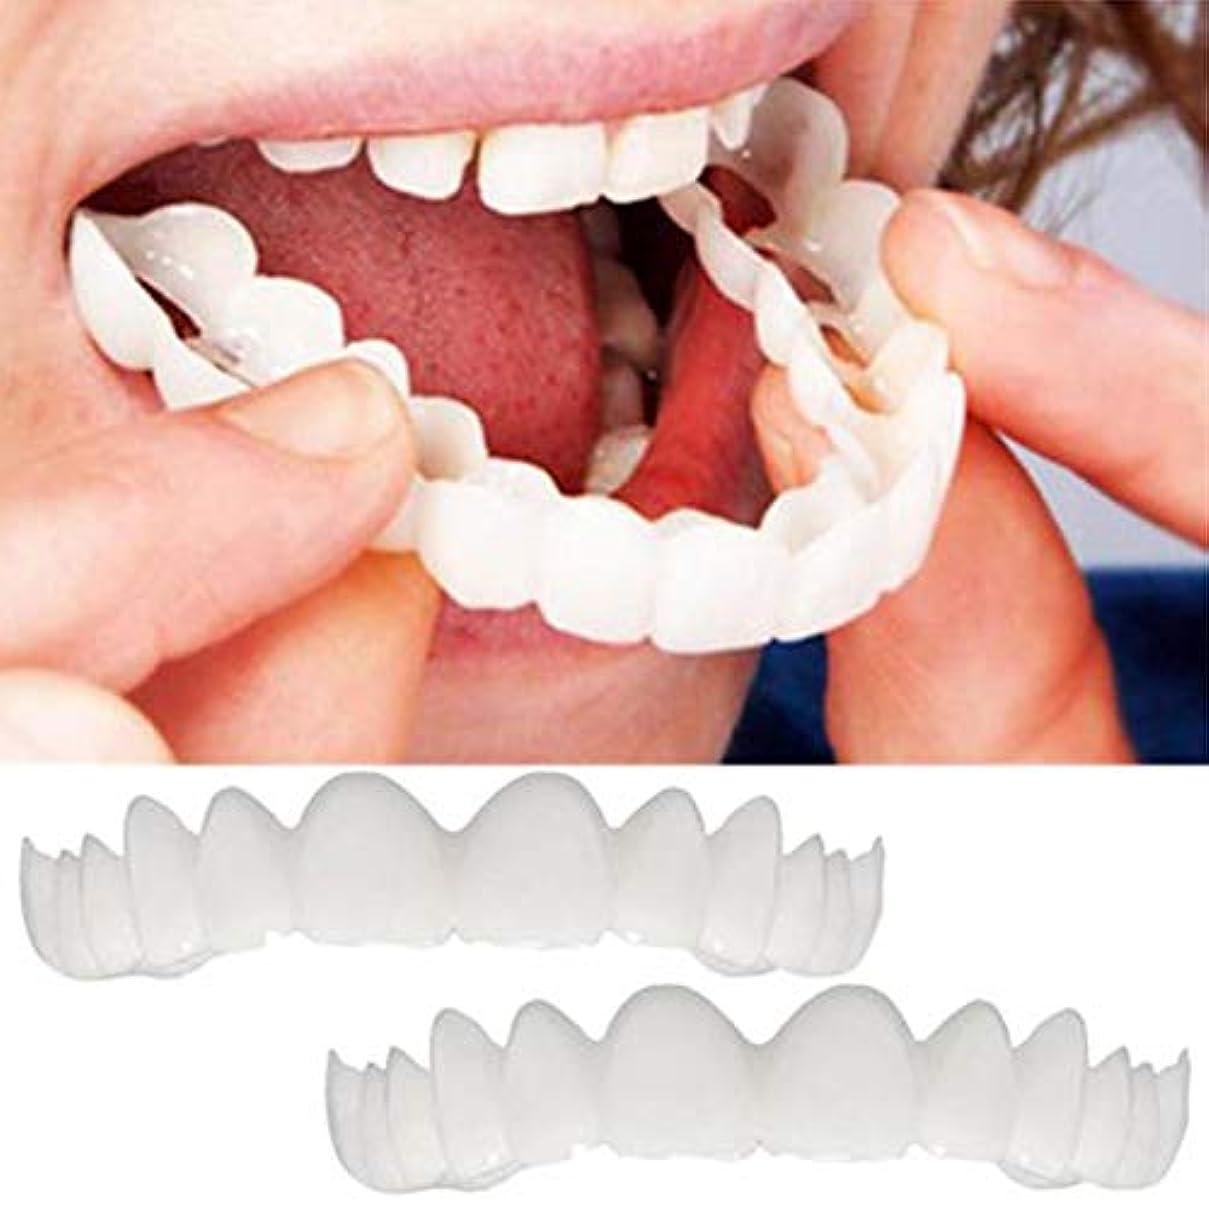 クラック思いやり発疹化粧品の歯、白い歯をきれいにするための快適なフィットフレックス歯のソケット、超快適、快適なフィット感、2セット